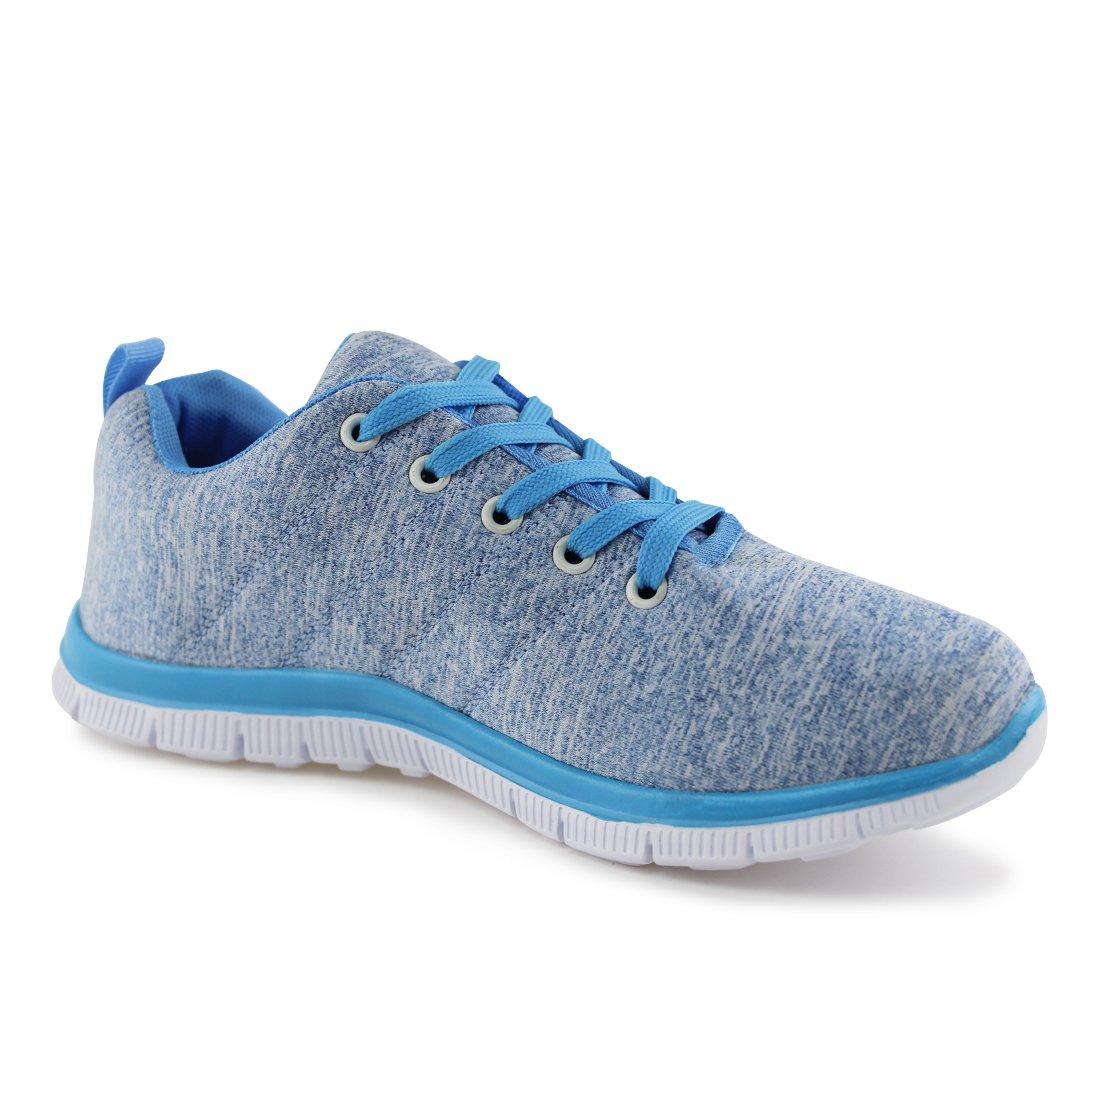 Hawkwell Women's Light Weight Sport Fashion Sneaker B071F5LSQ3 8 B(M) US|Blue